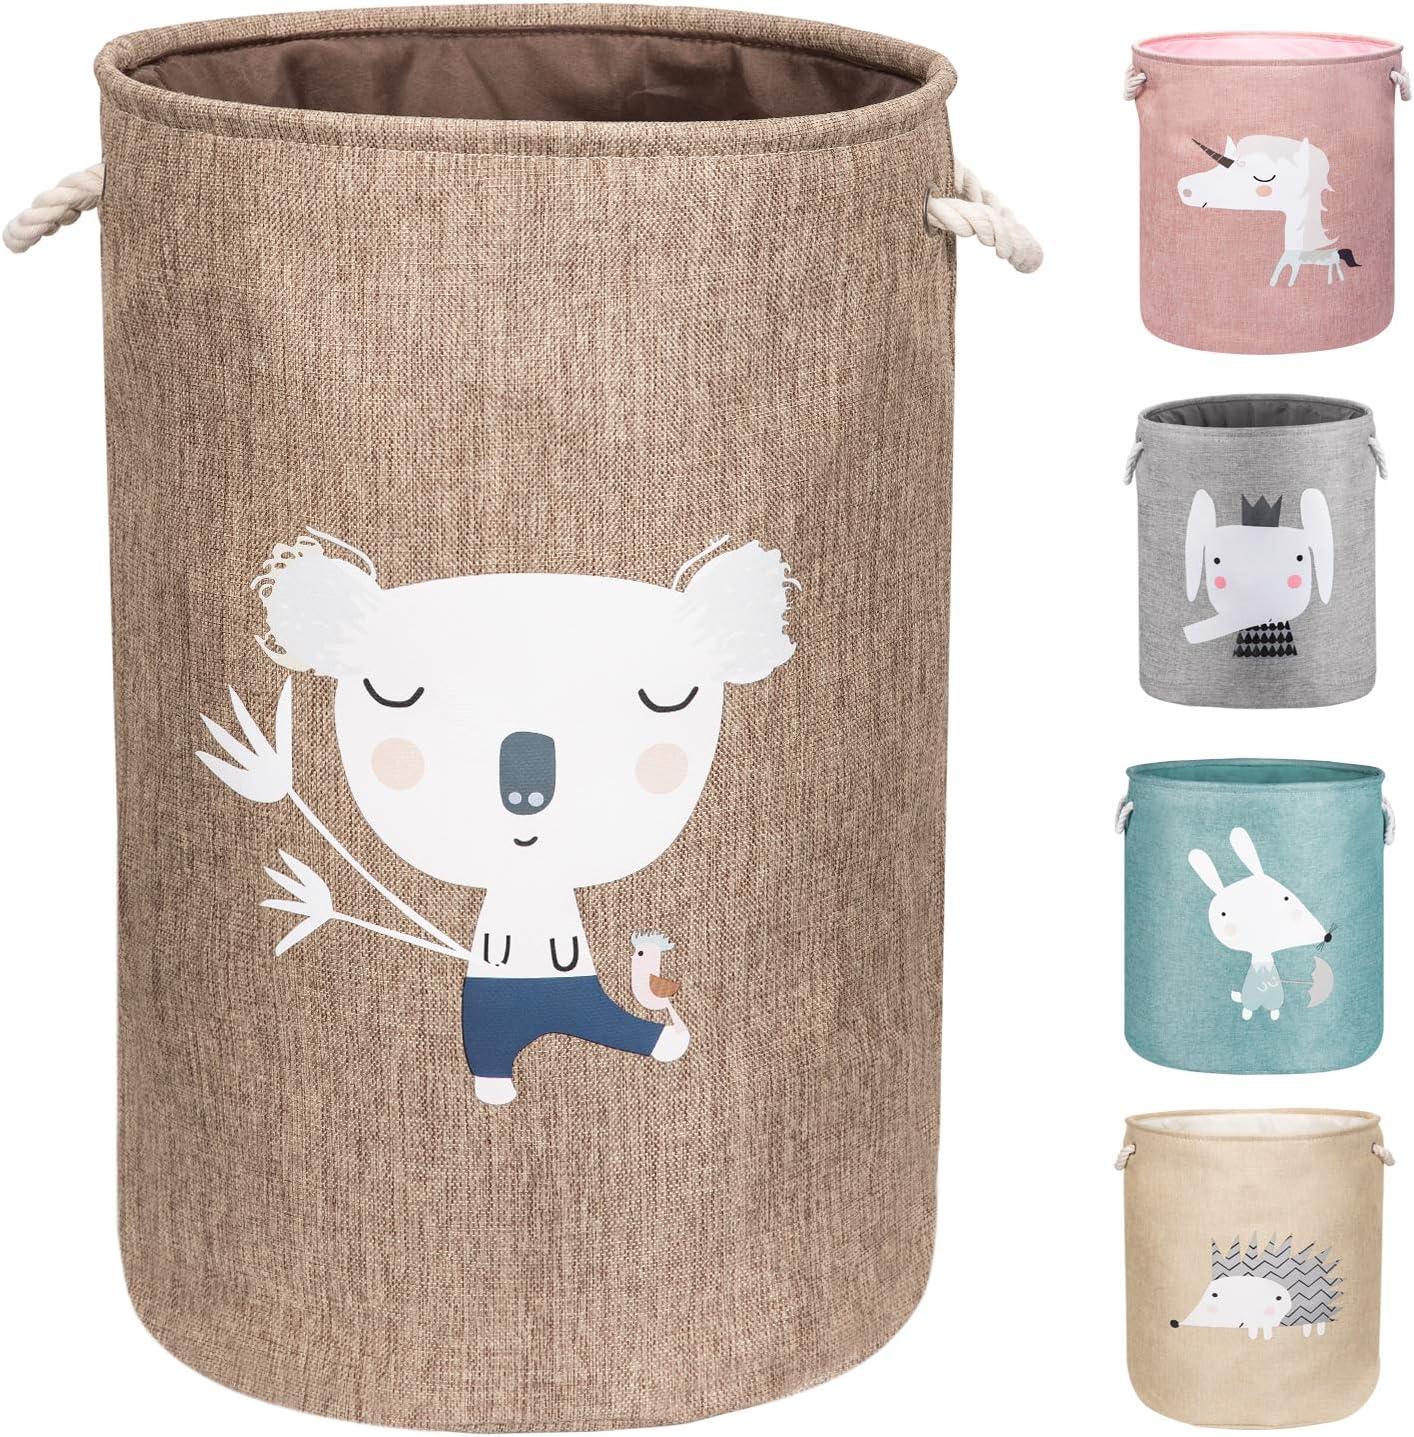 HUIHU Cube Folding Laundry Basket for Kids Toy Storage Basket Sundries Books Lego Dog Toys Organizer Storage Box Clothes Storage Bag-10